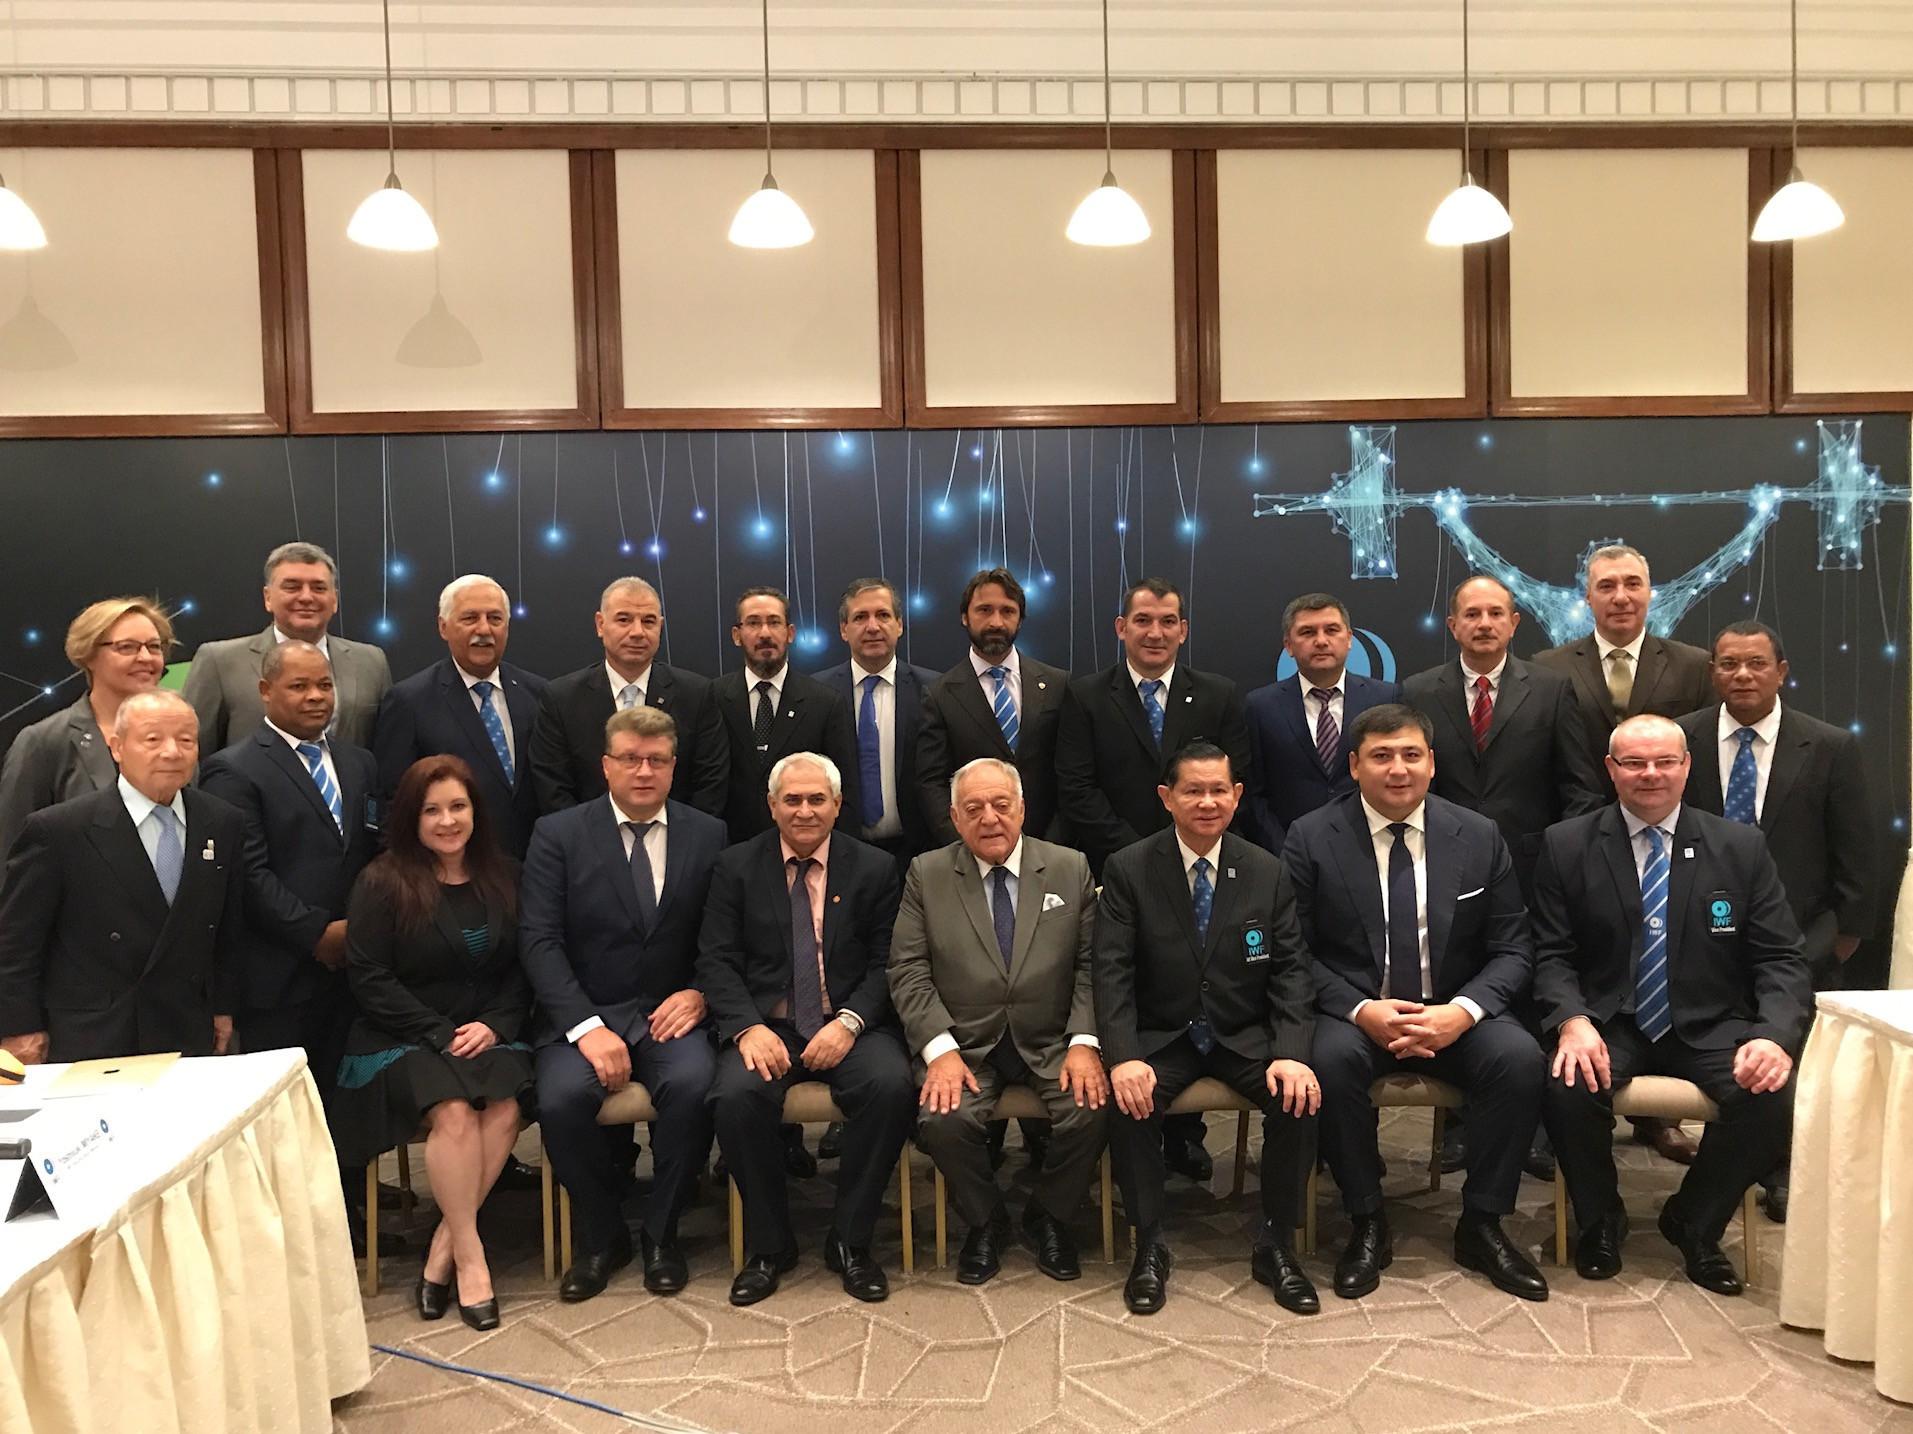 The IWF Executive Board has met in Romanian capital Bucharest ©IWF